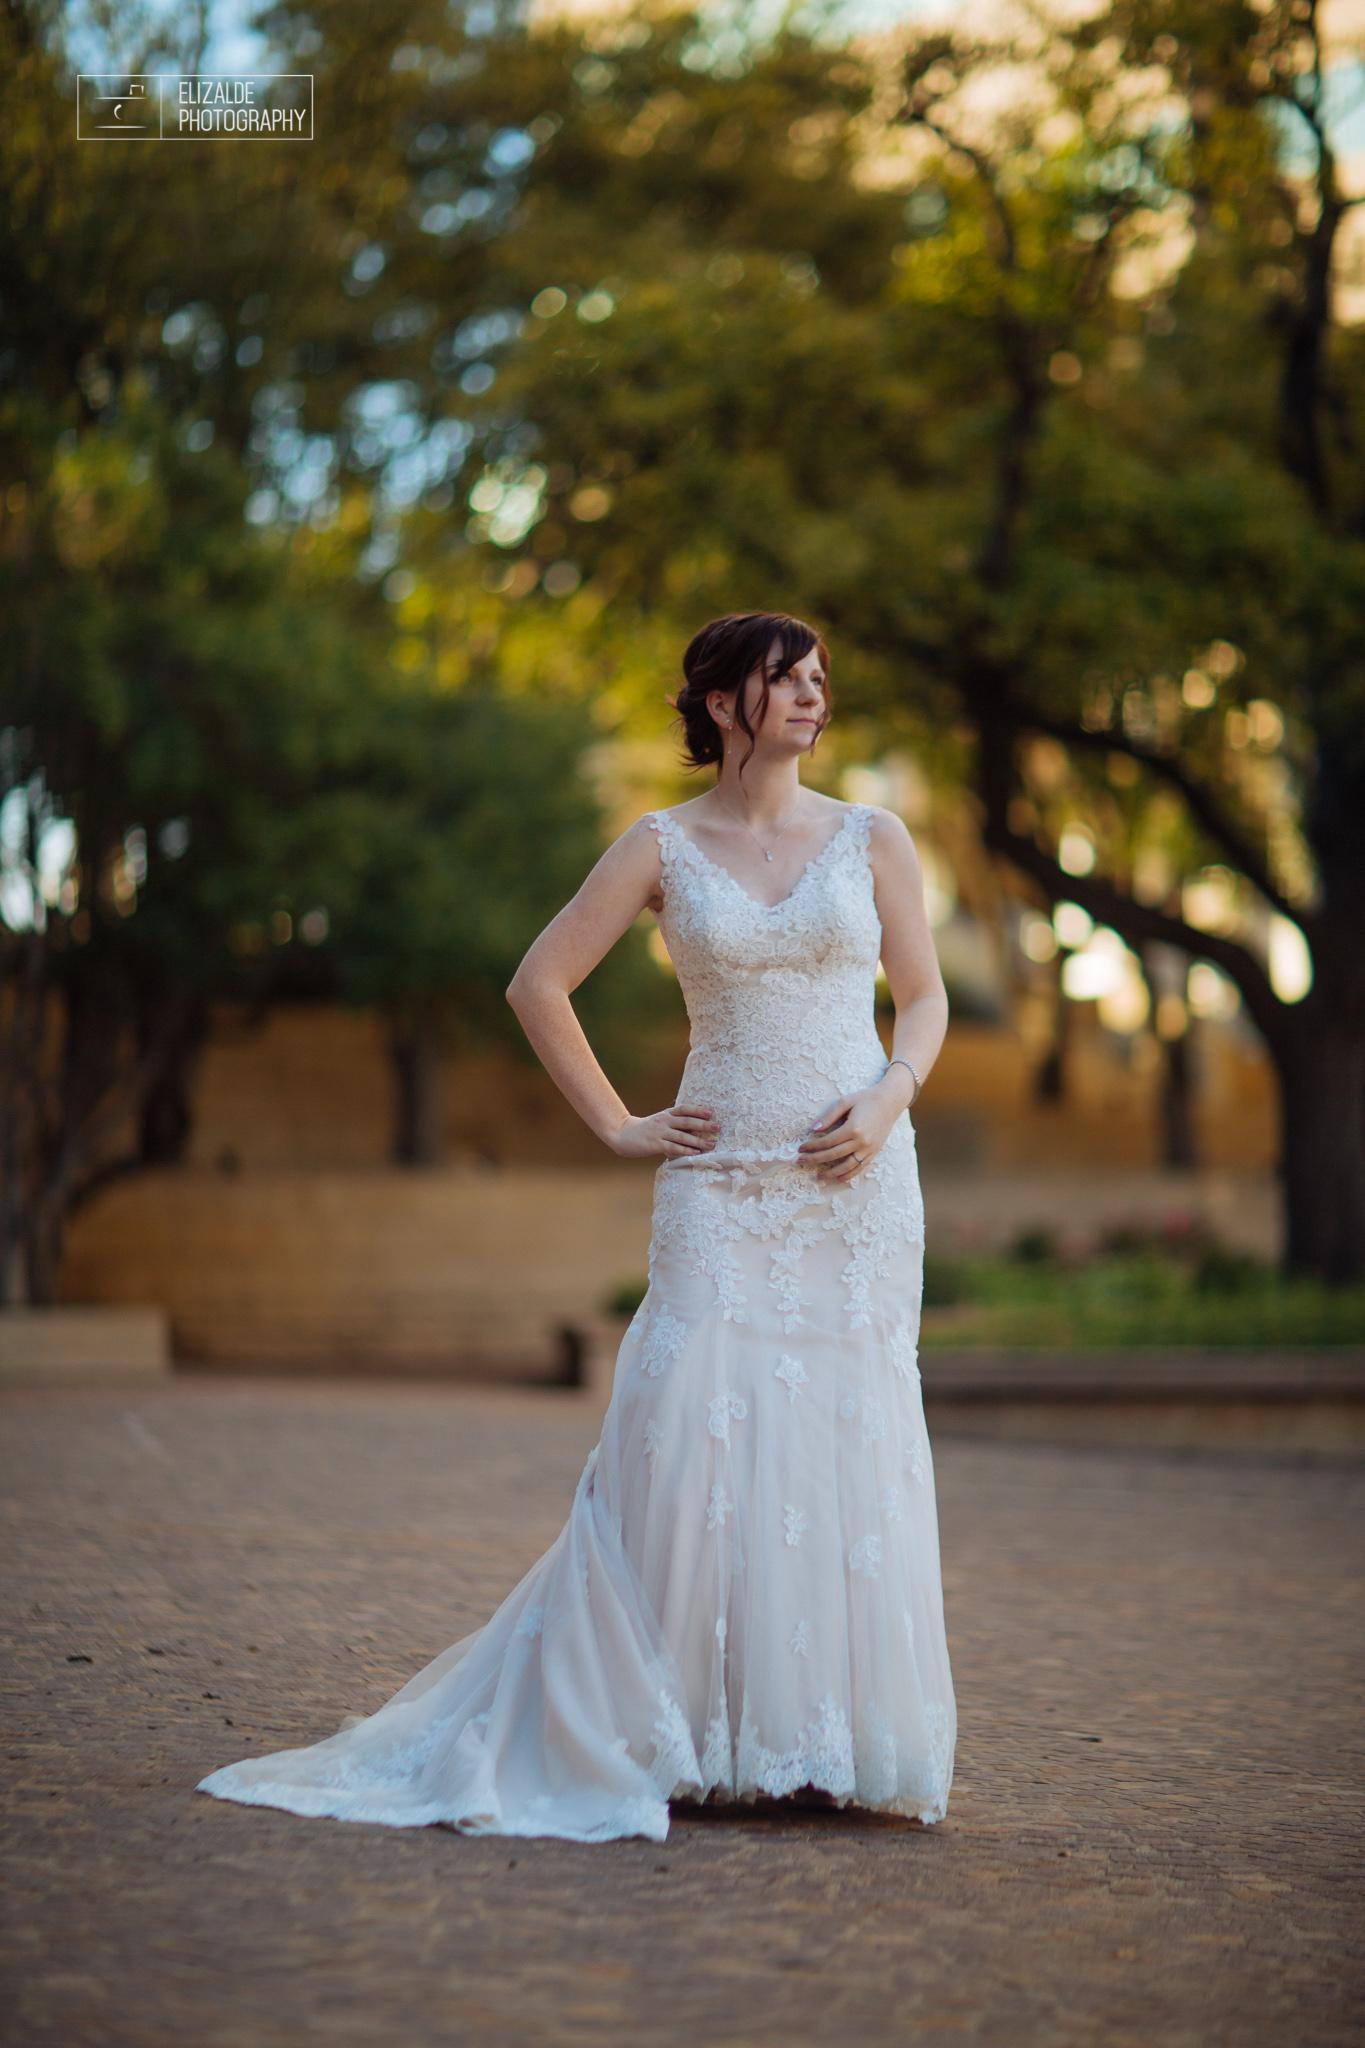 Kelly_Bridals_Omni_DFW_wedding_blog-12.jpg